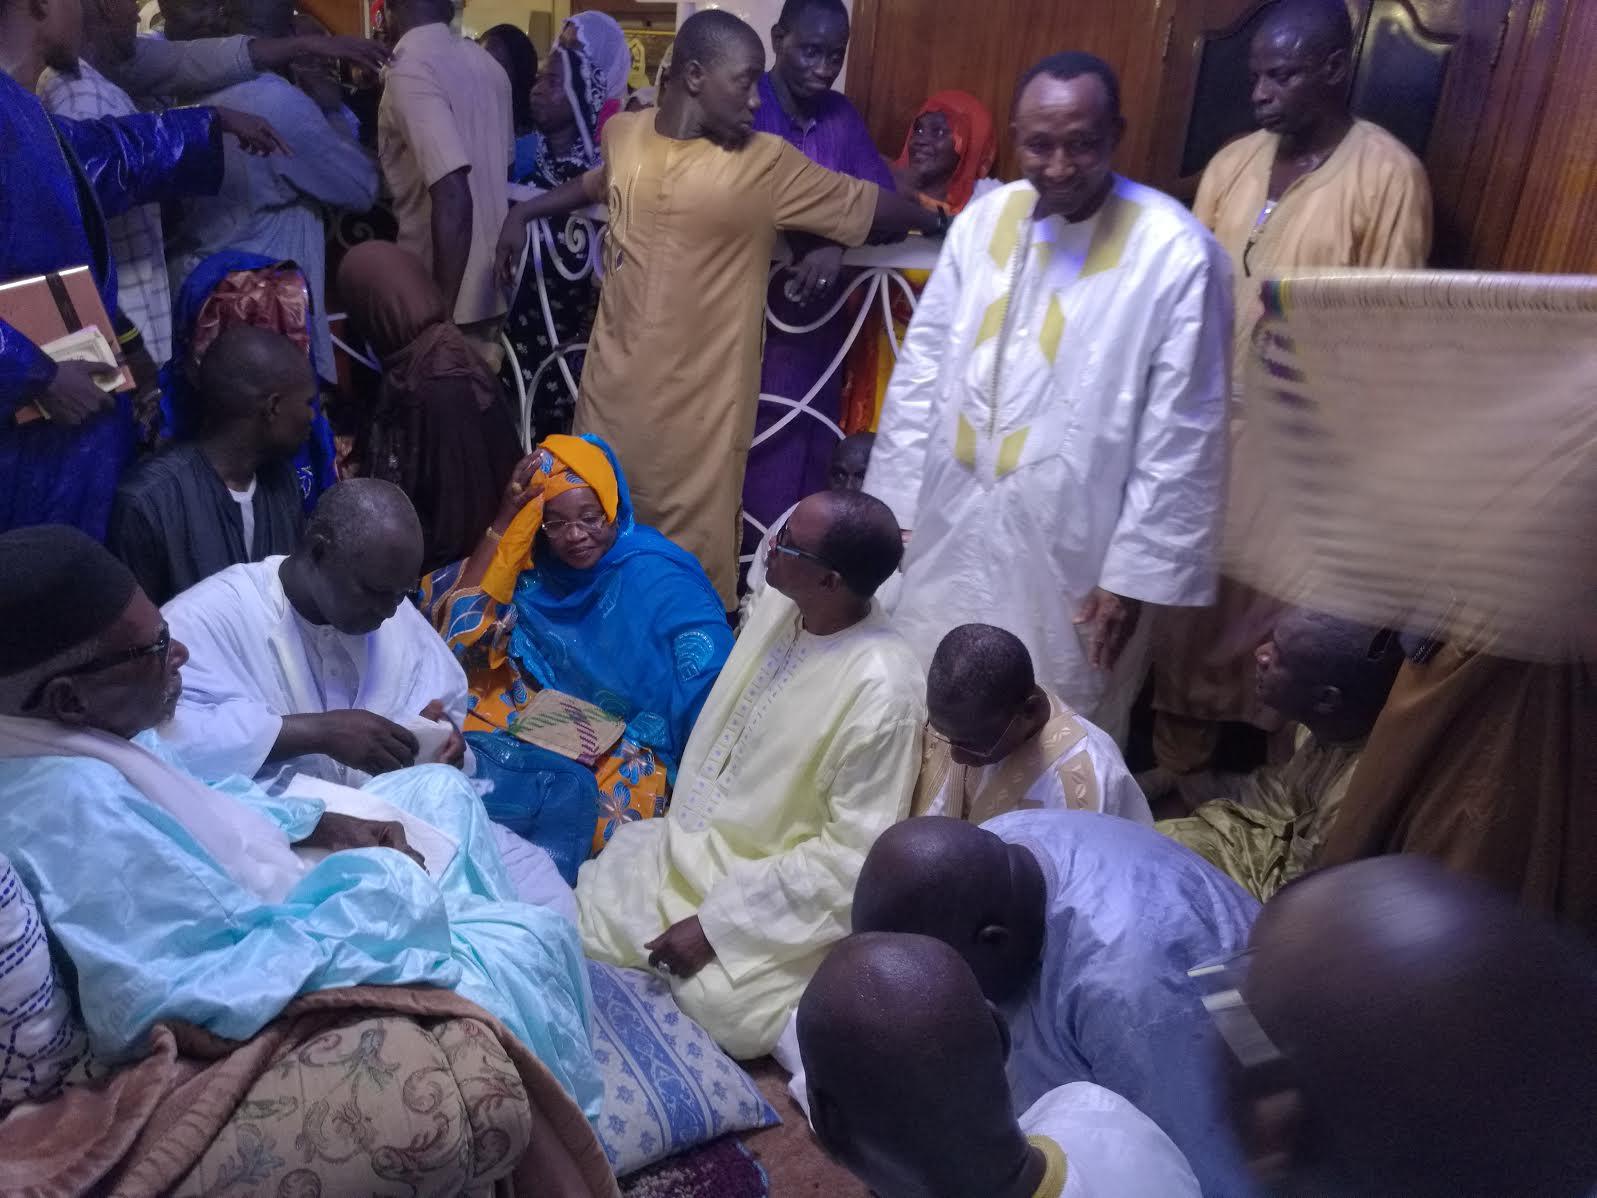 Les images de la délégation du Parti Démocratique Sénégalais chez le Khalif général des Mourides